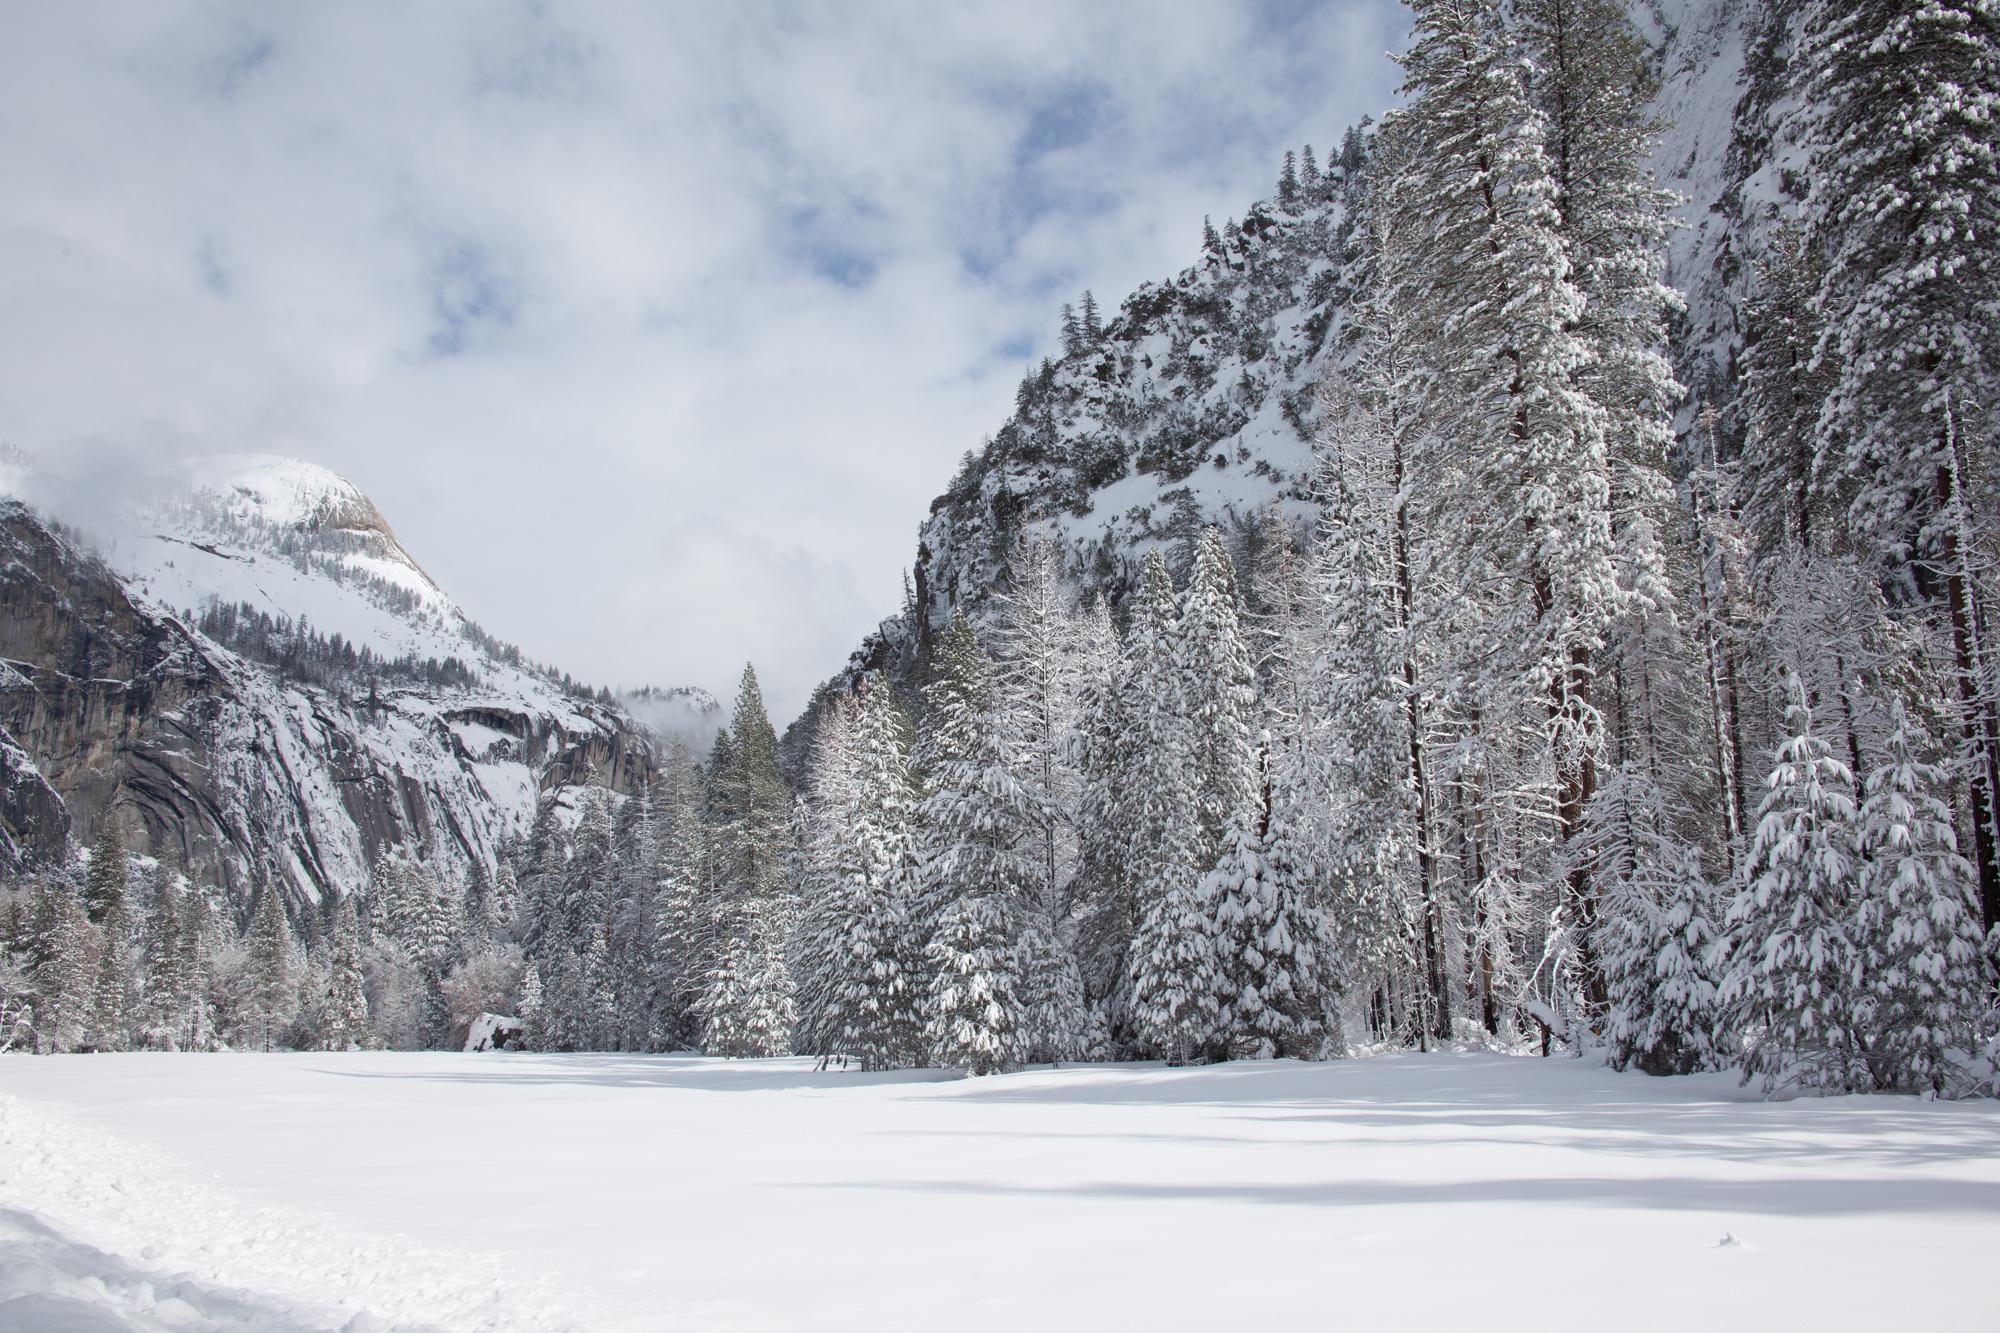 2019-02 Yosemite-17.jpg